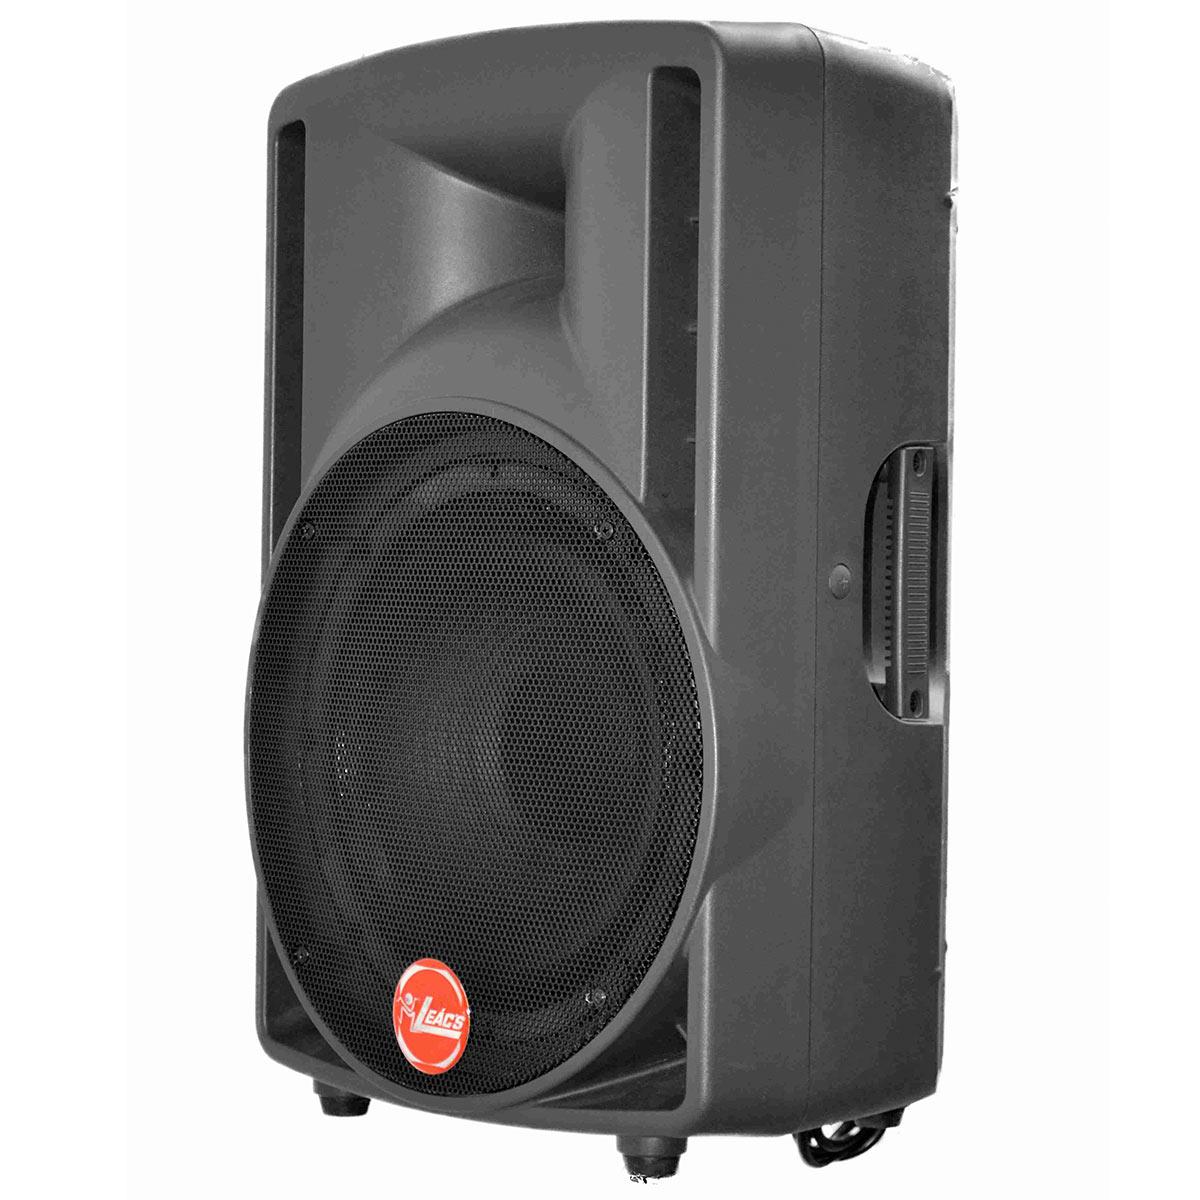 LT1500 - Caixa Passiva 300W LT 1500 - Leacs